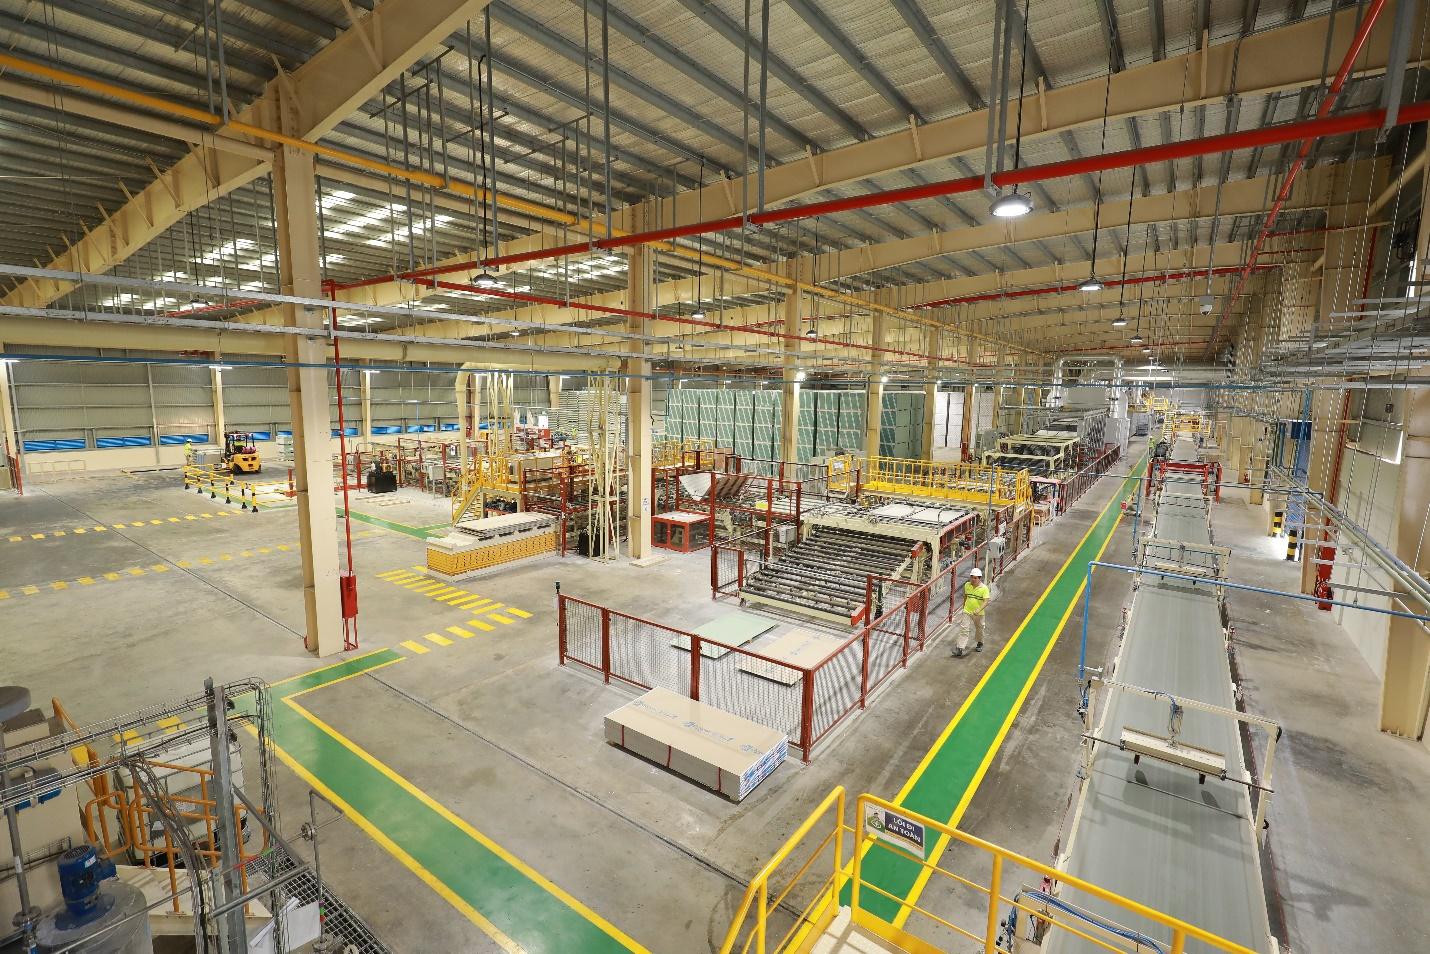 Nhà máy sản xuất trần Vĩnh Tường được xây dựng tại Hải Phòng tiêu chuẩn xanh và công nghệ 4.0